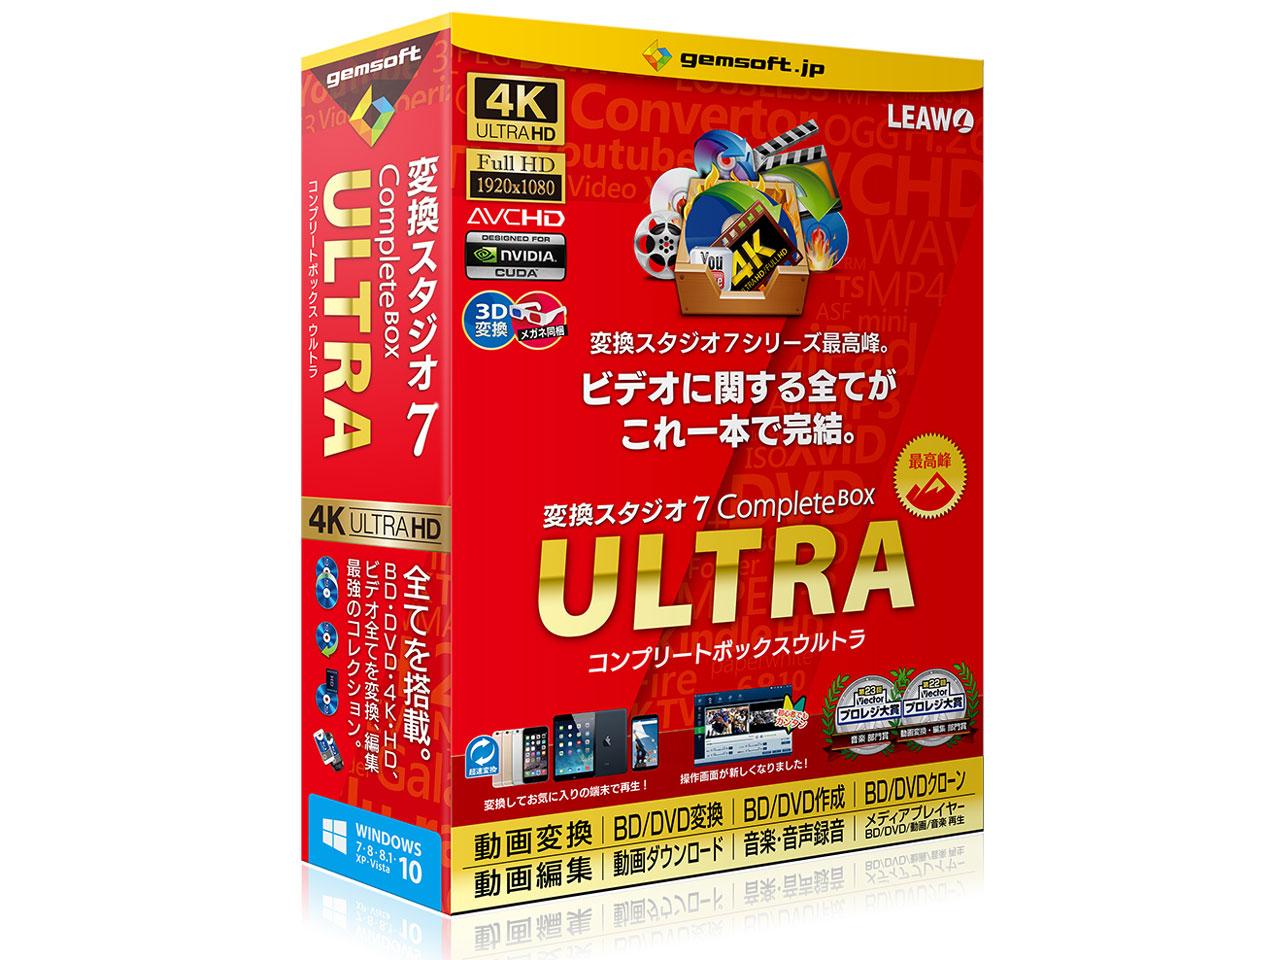 GEMSOFT ジェムソフト 〔Win版〕 変換スタジオ7 Complete ULTRA おトク BOX GEMSOFTヘンカンスタジオ7C 商い